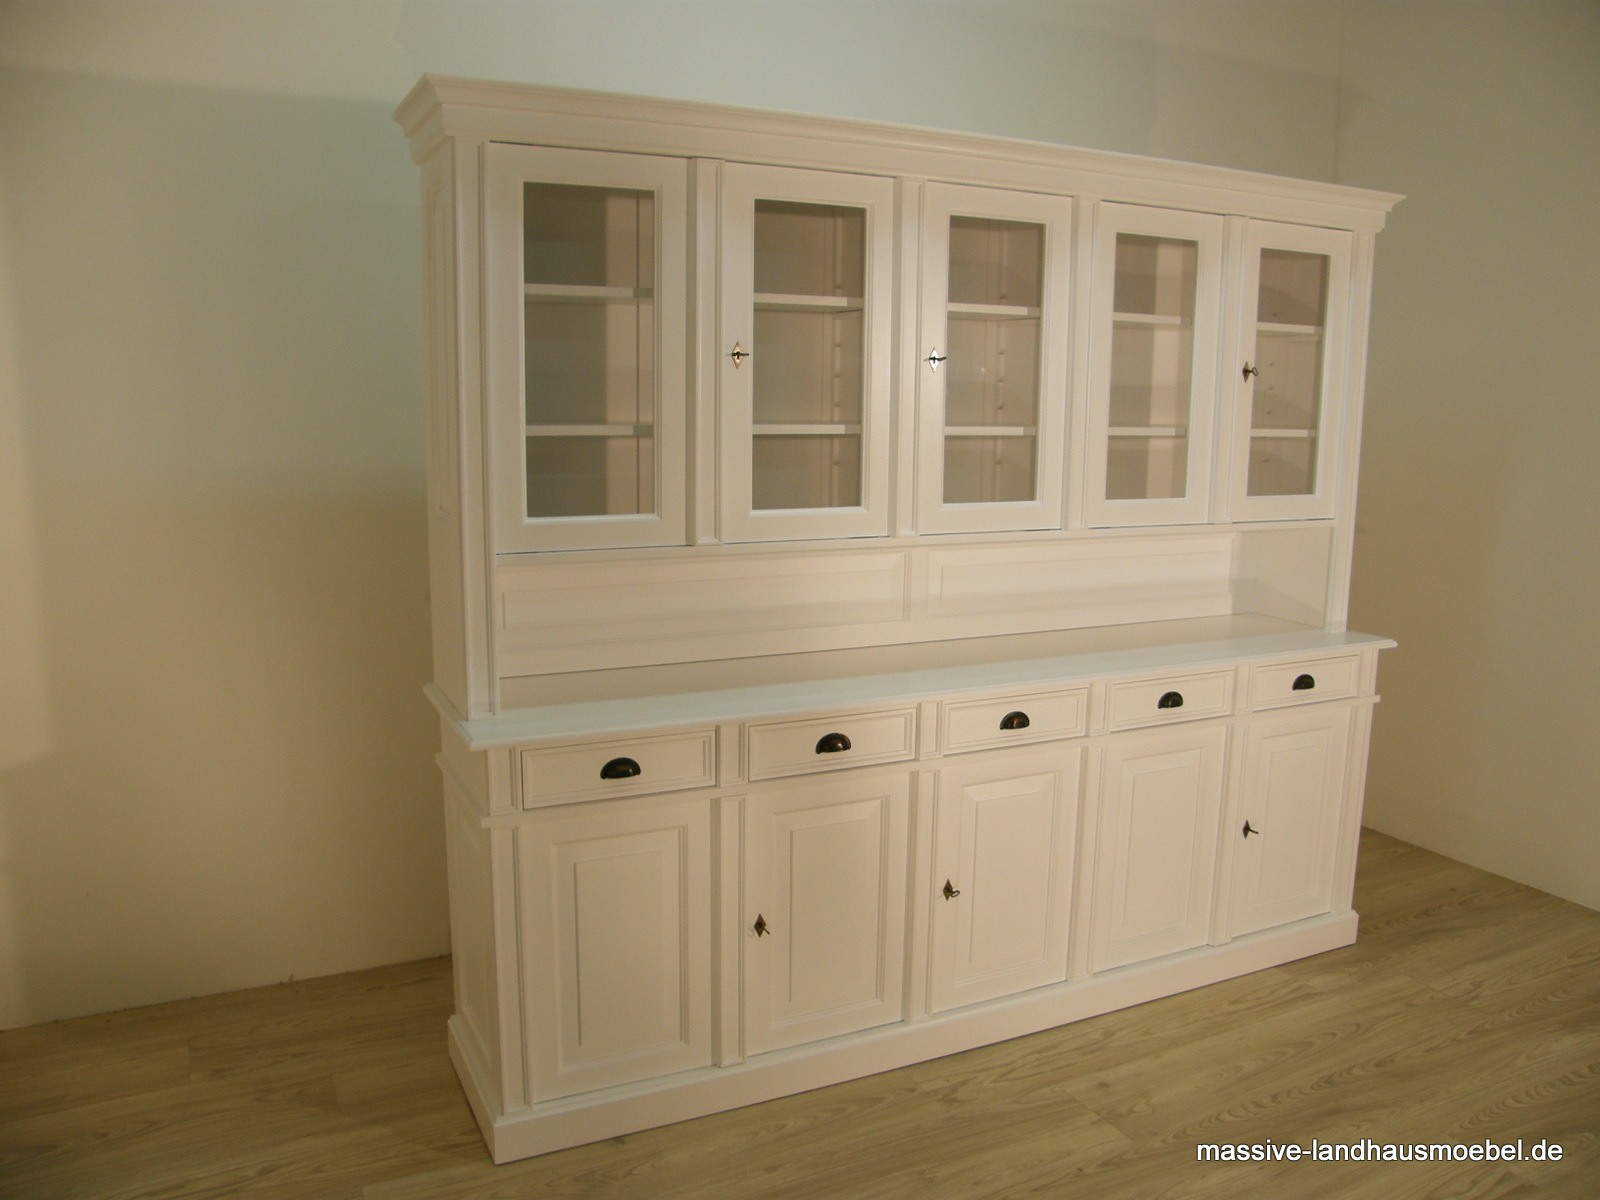 massive landhausm bel 9113 buffet 5t deluxe modern. Black Bedroom Furniture Sets. Home Design Ideas